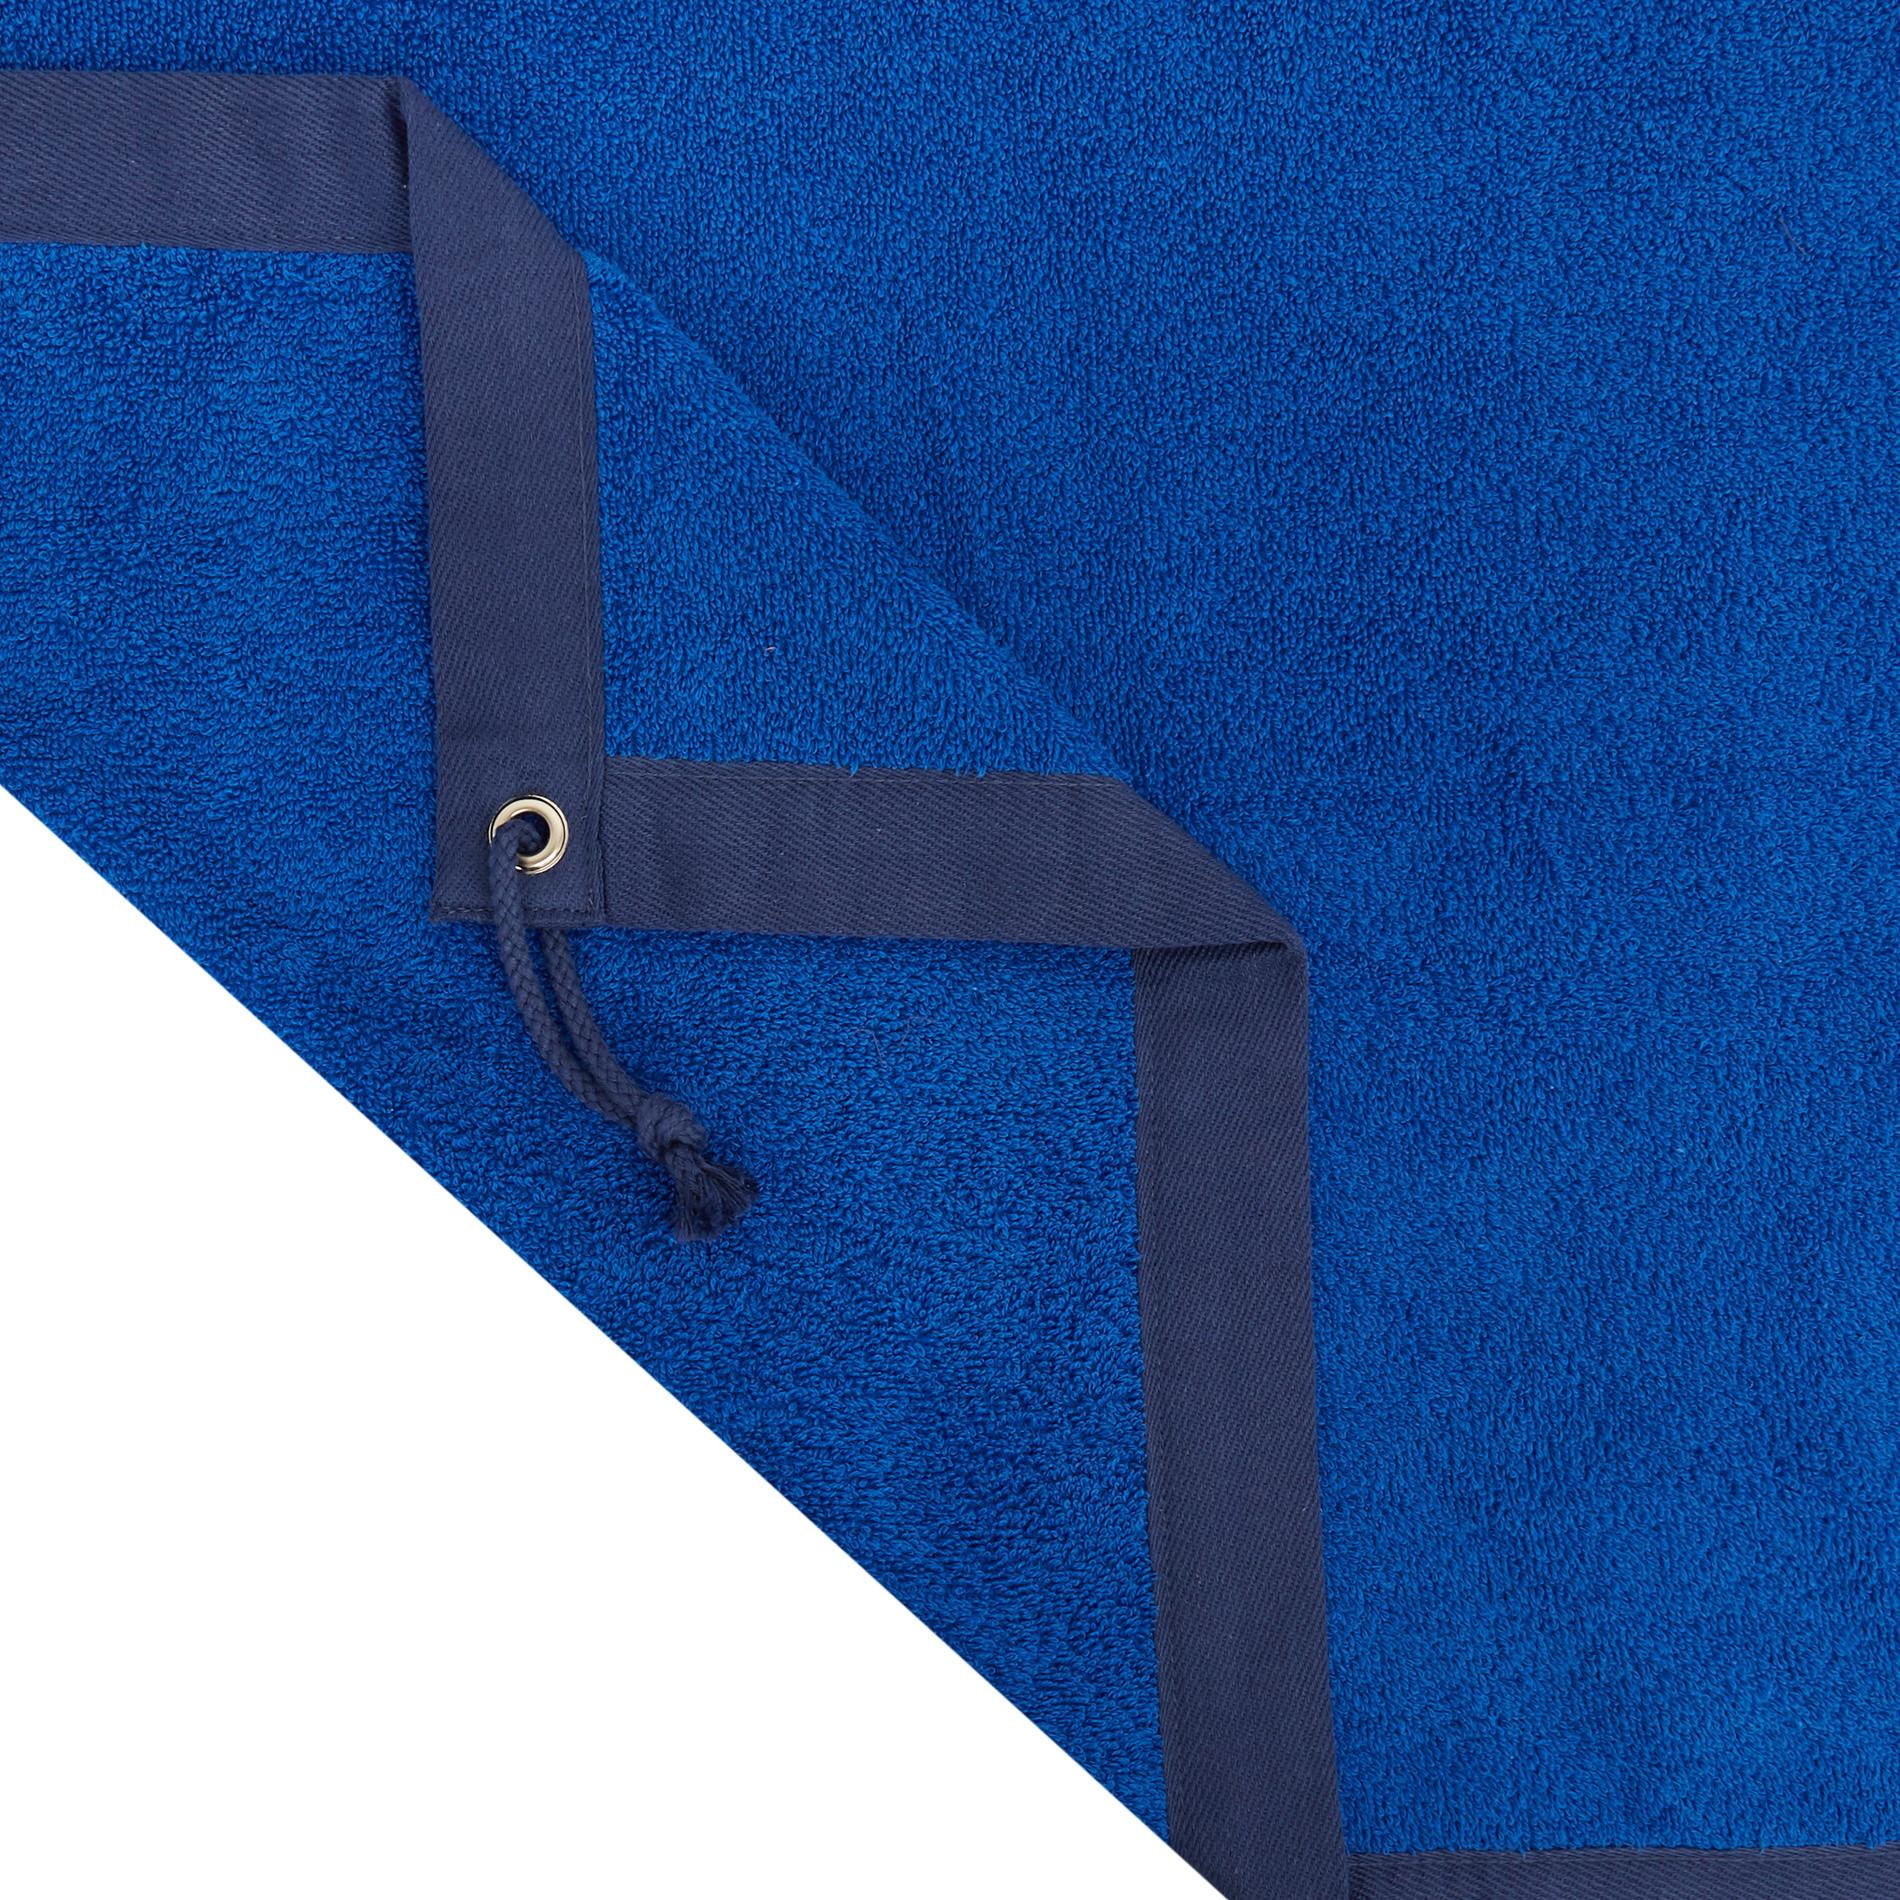 Telo mare spugna di cotone ricamo ancora, Azzurro scuro, large image number 1